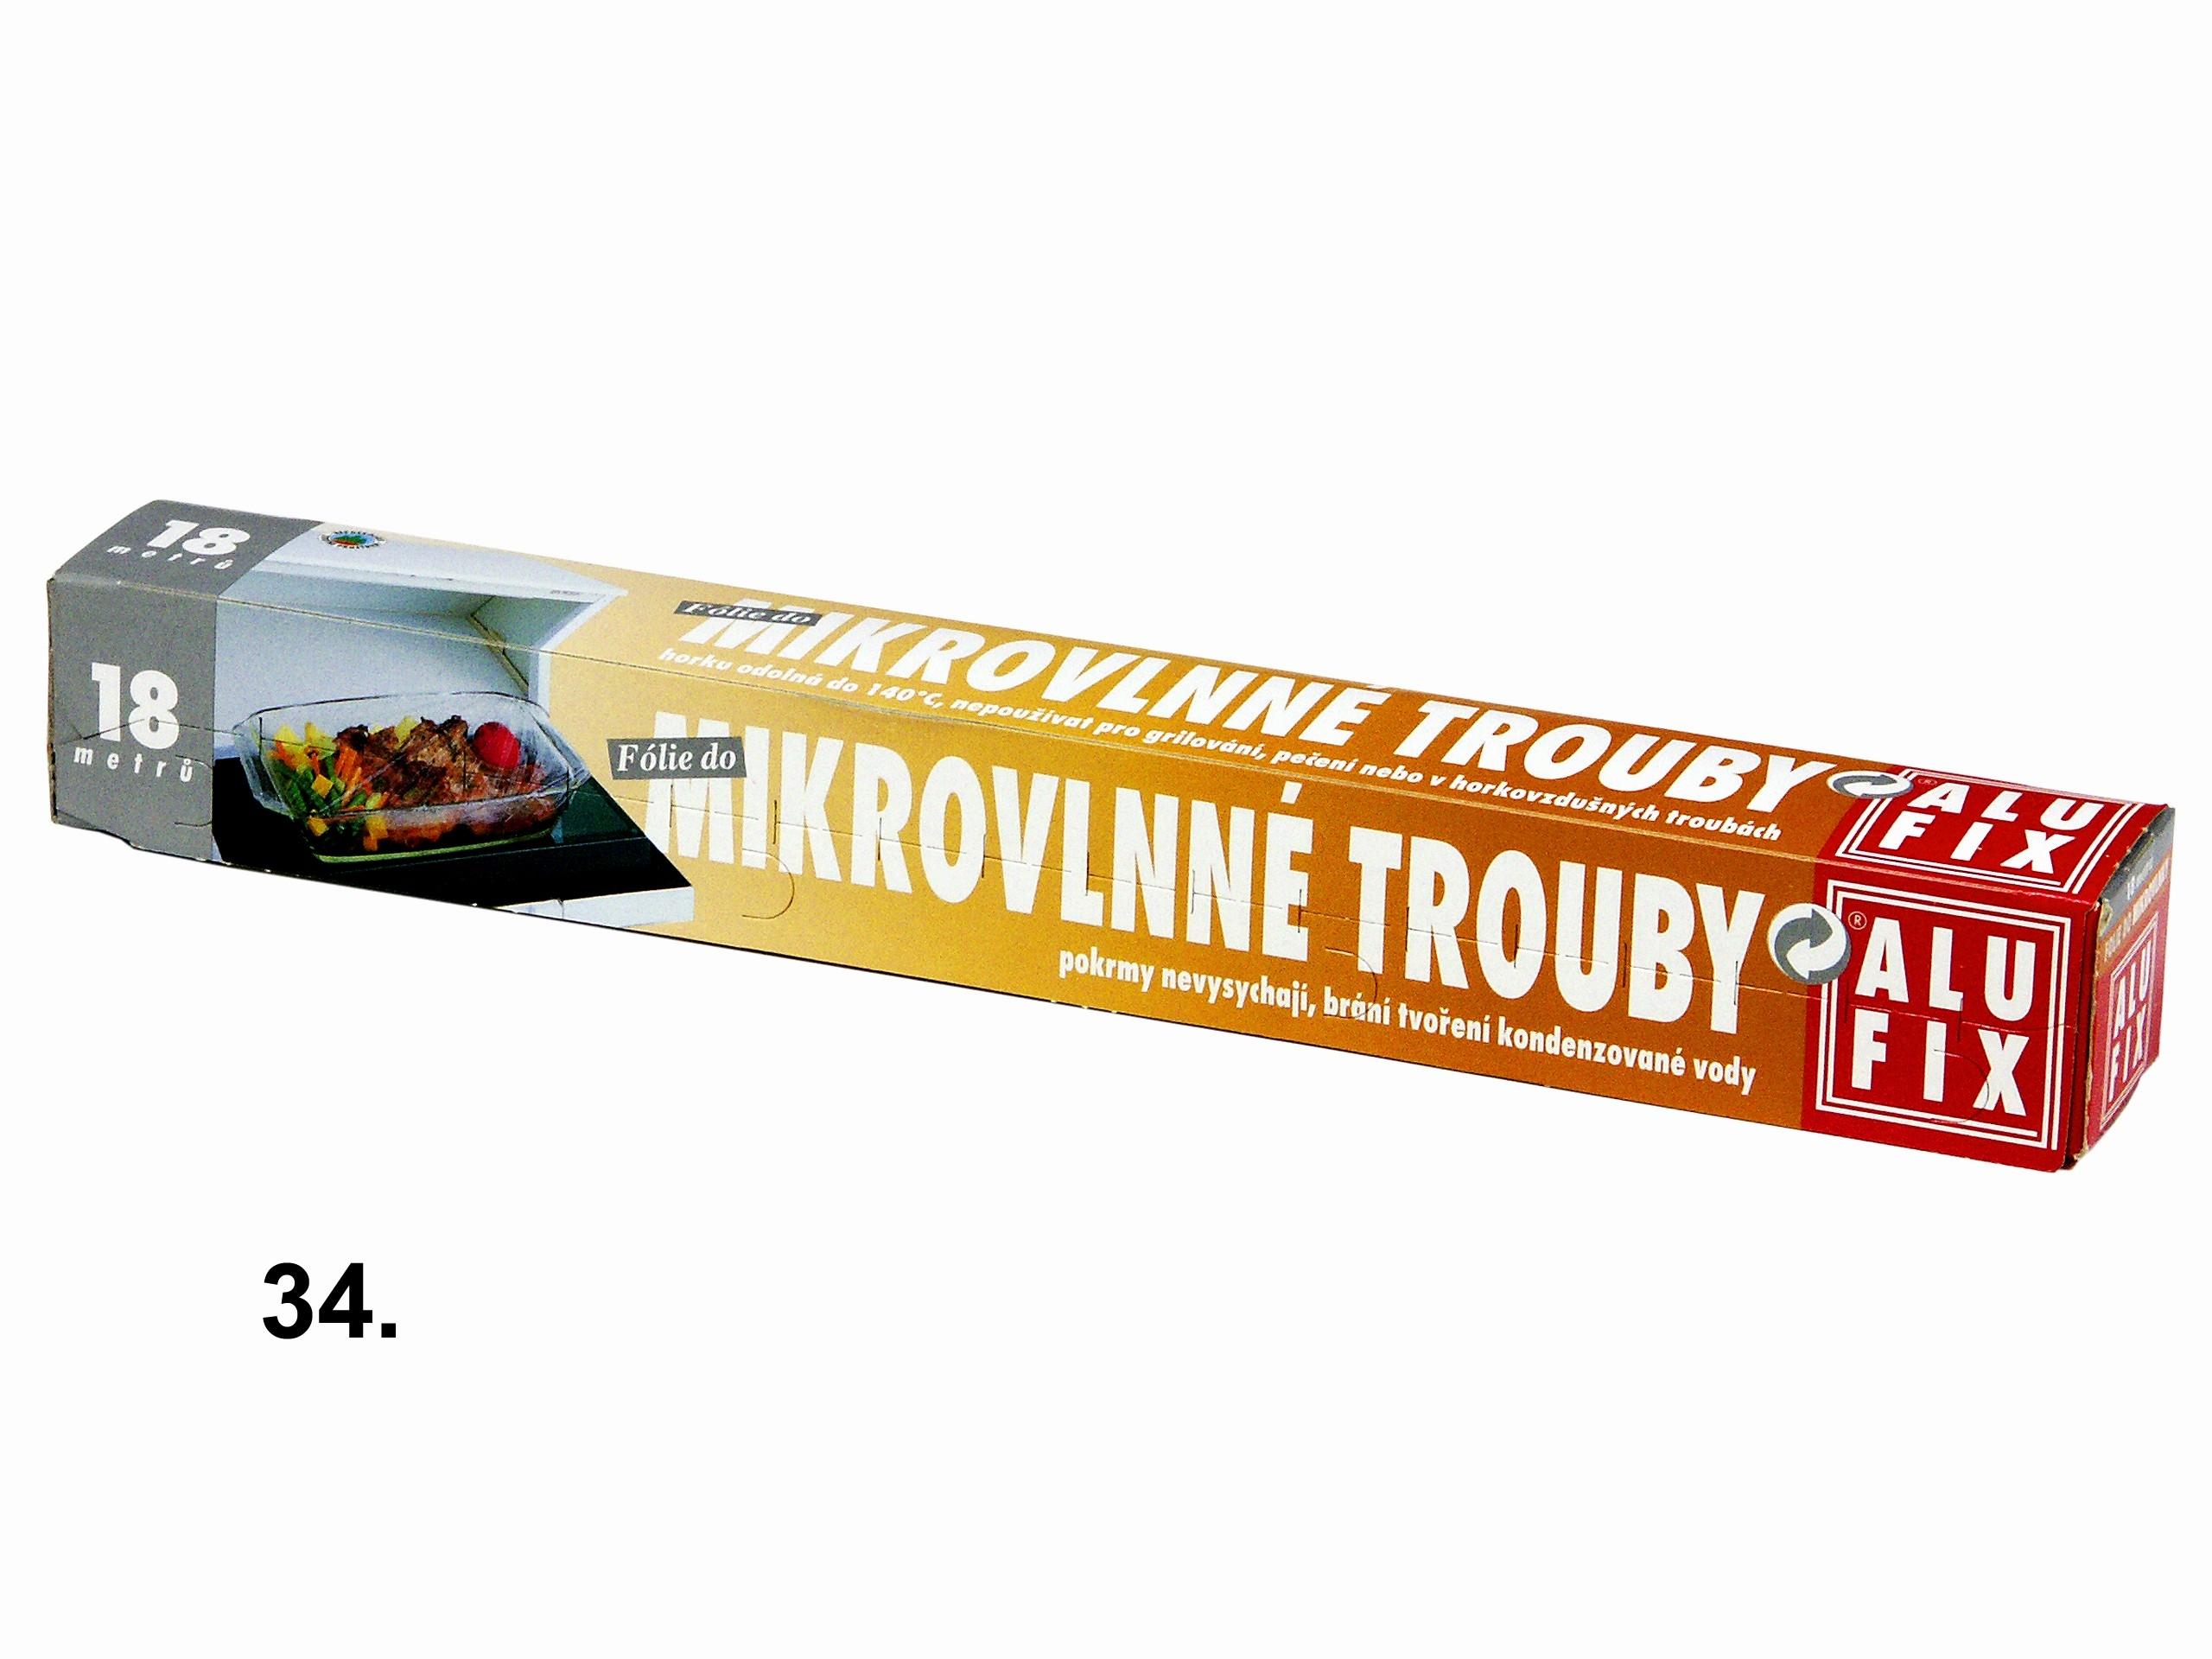 Folie do mikrovl.trouby  Alufix 18m, 9µm